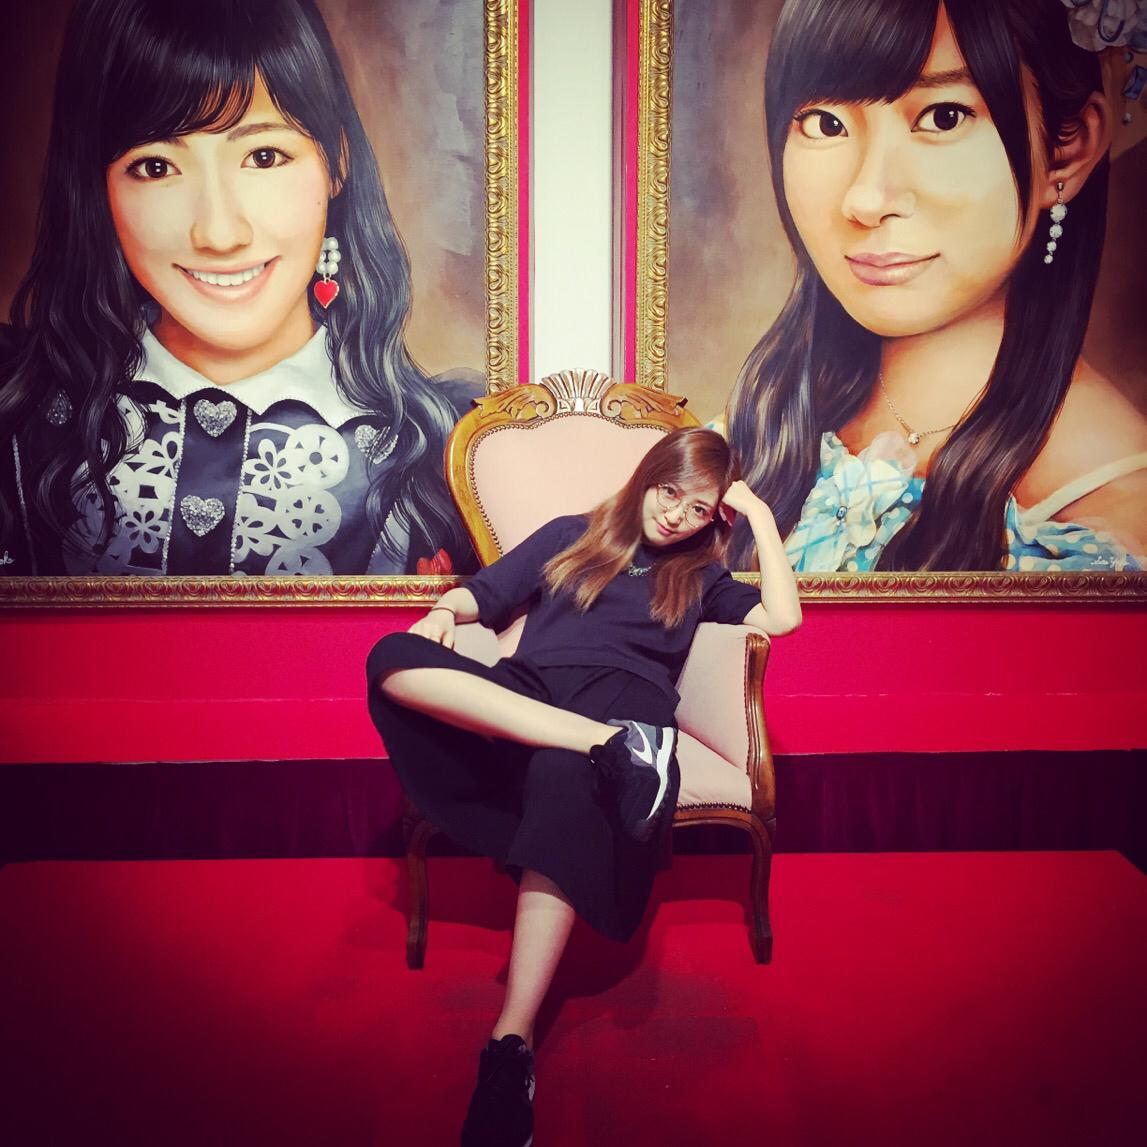 【エンタメ画像】【AKB48】相笠萌が一位の椅子に座った結果wwwwww